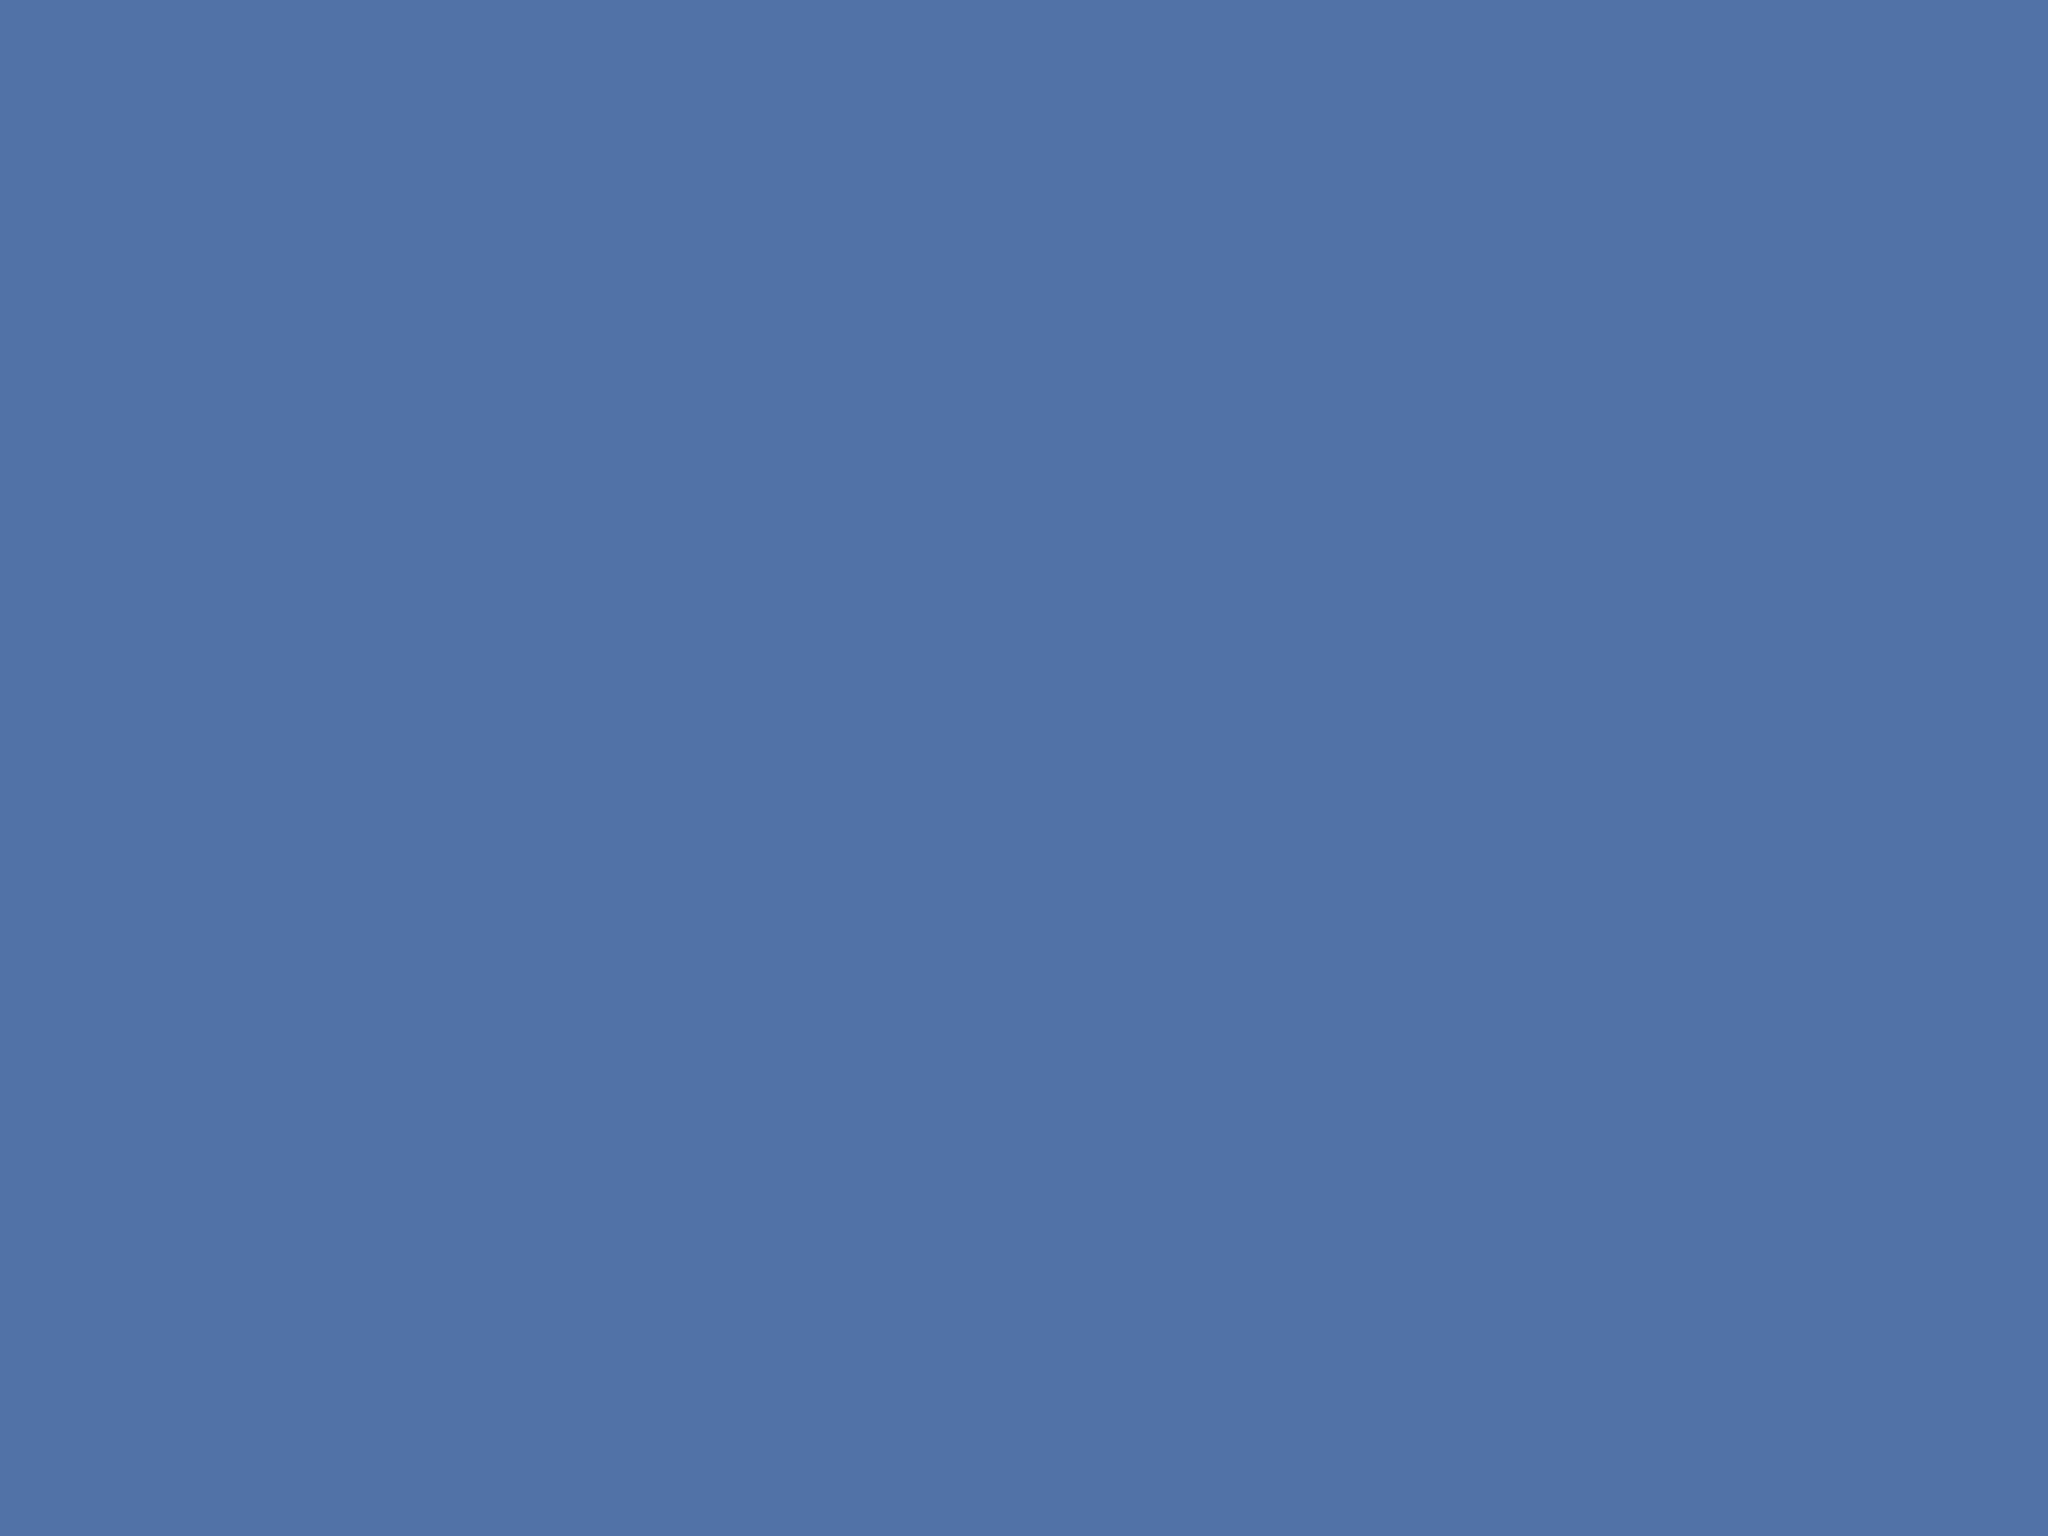 2048x1536 Blue Yonder Solid Color Background